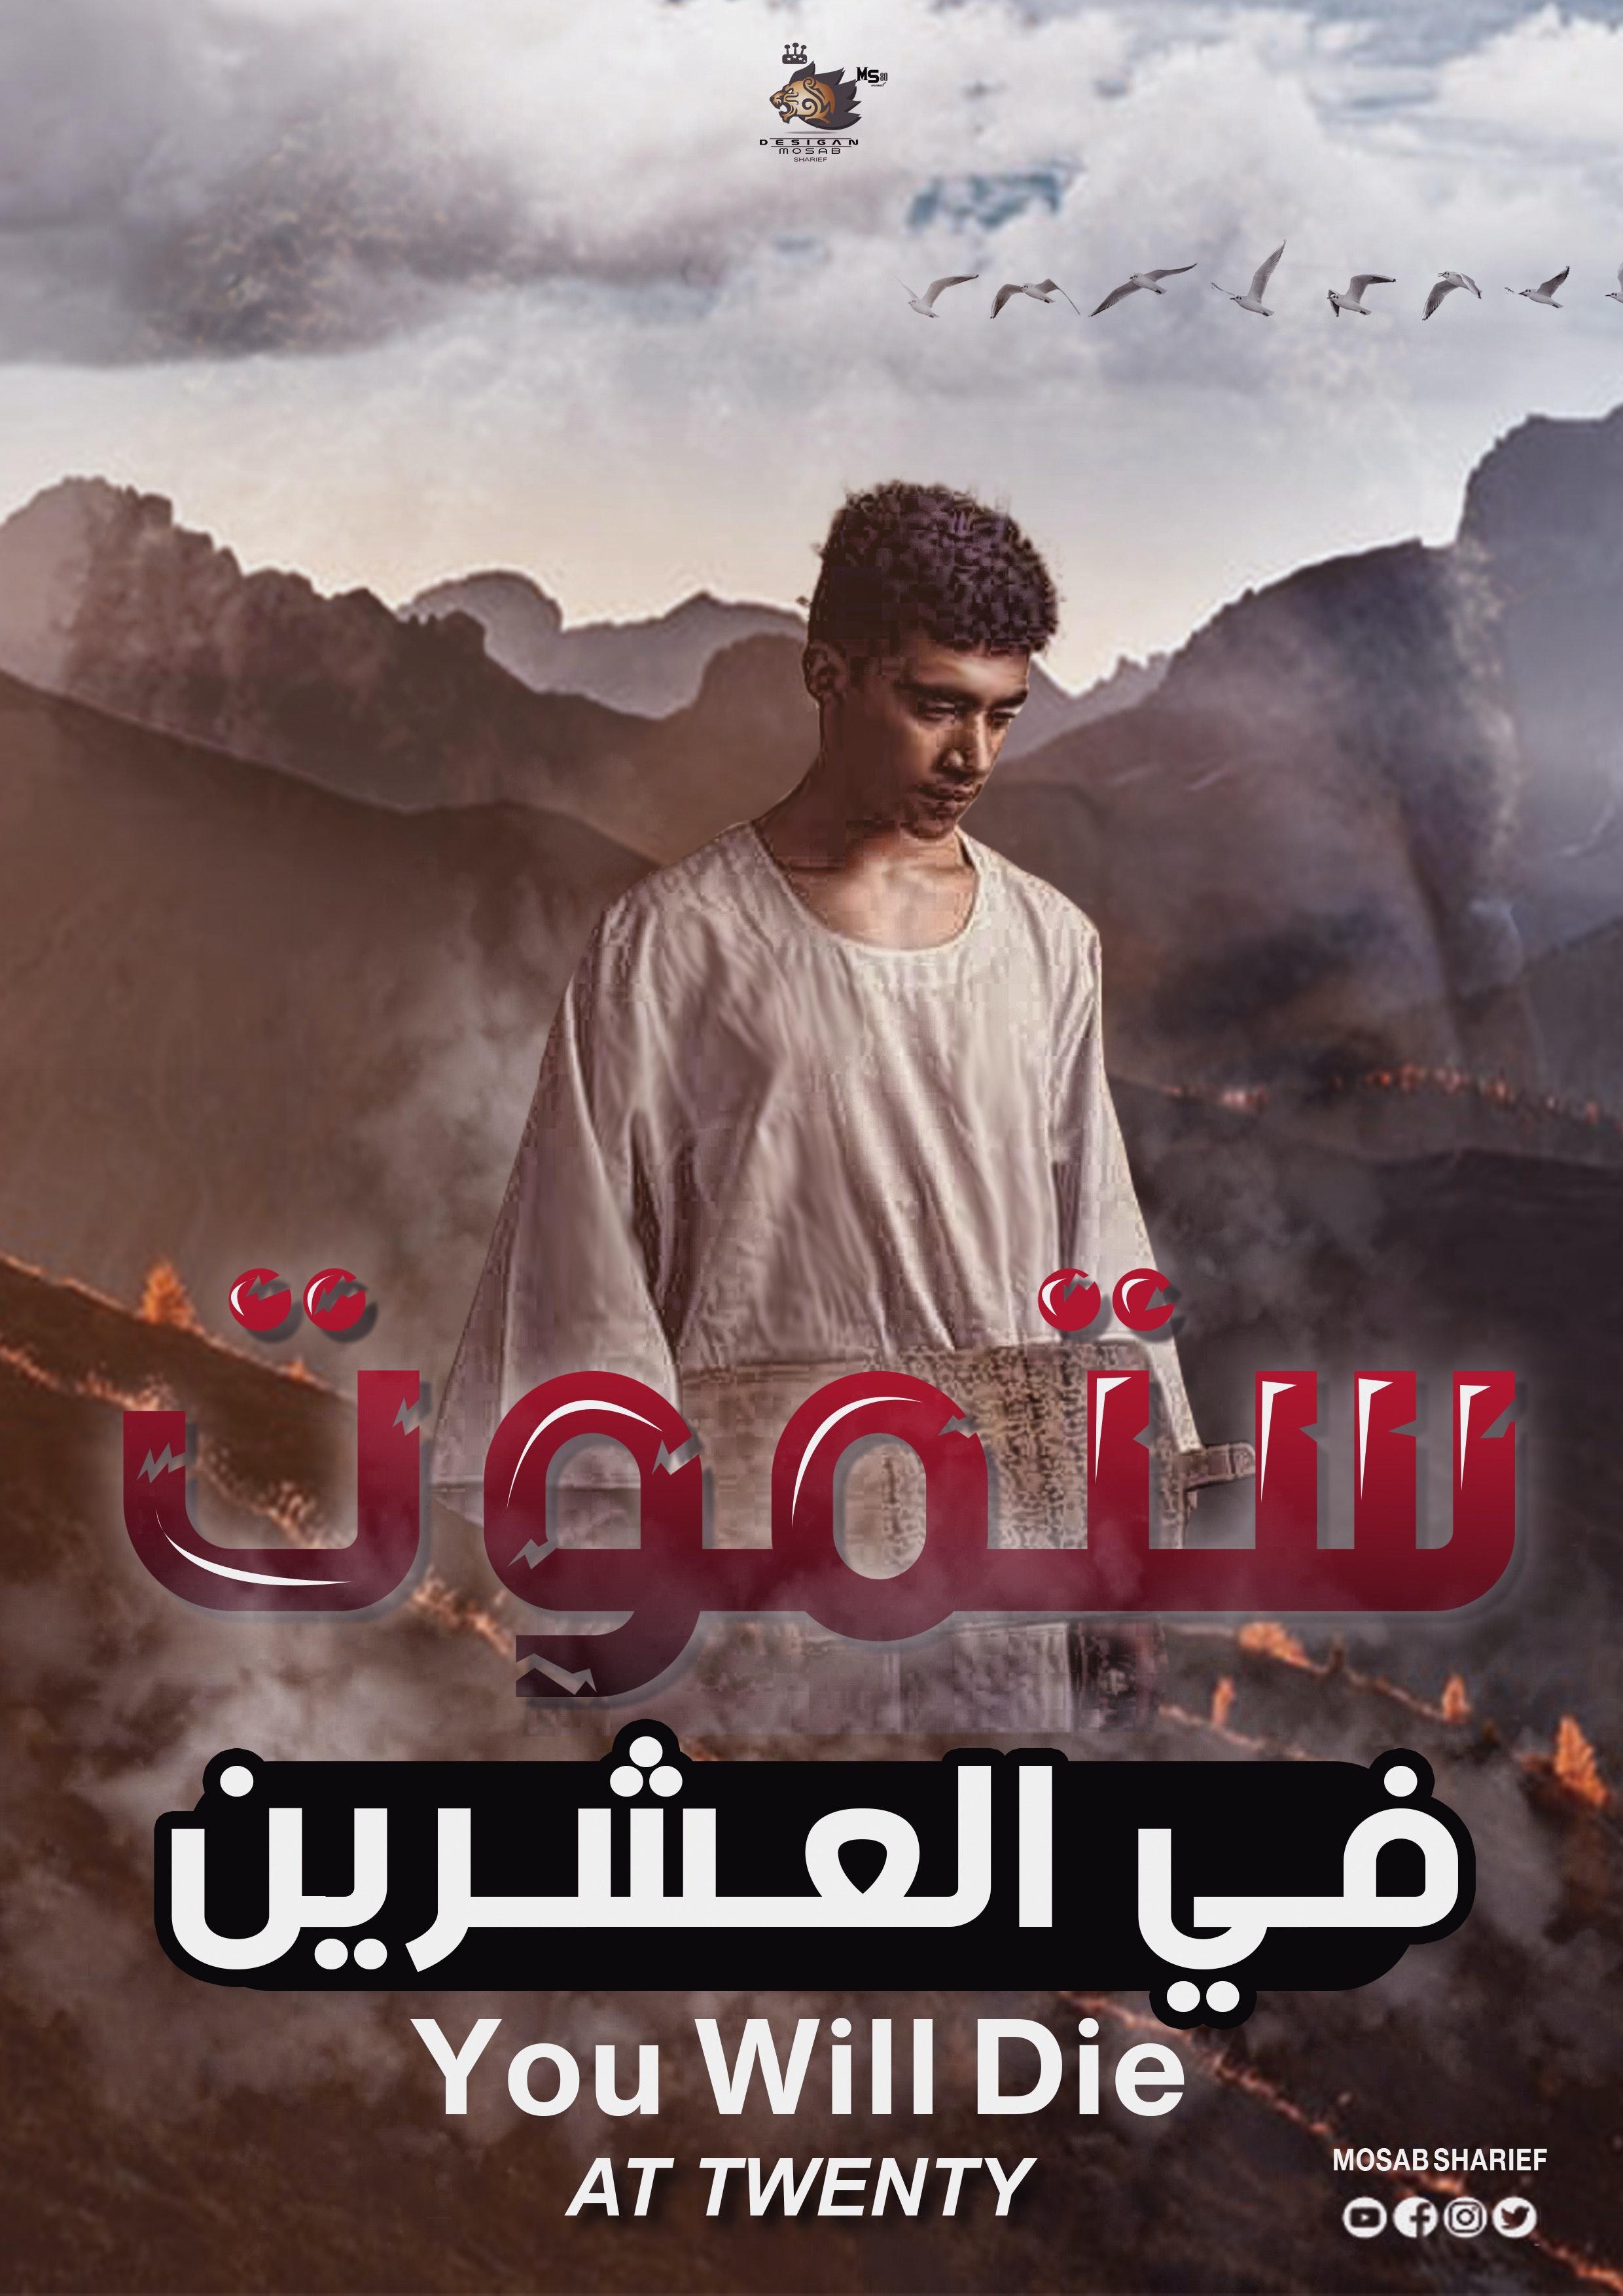 فيلم الجديد ستموت في العشرين الفليم السوداني مخرج